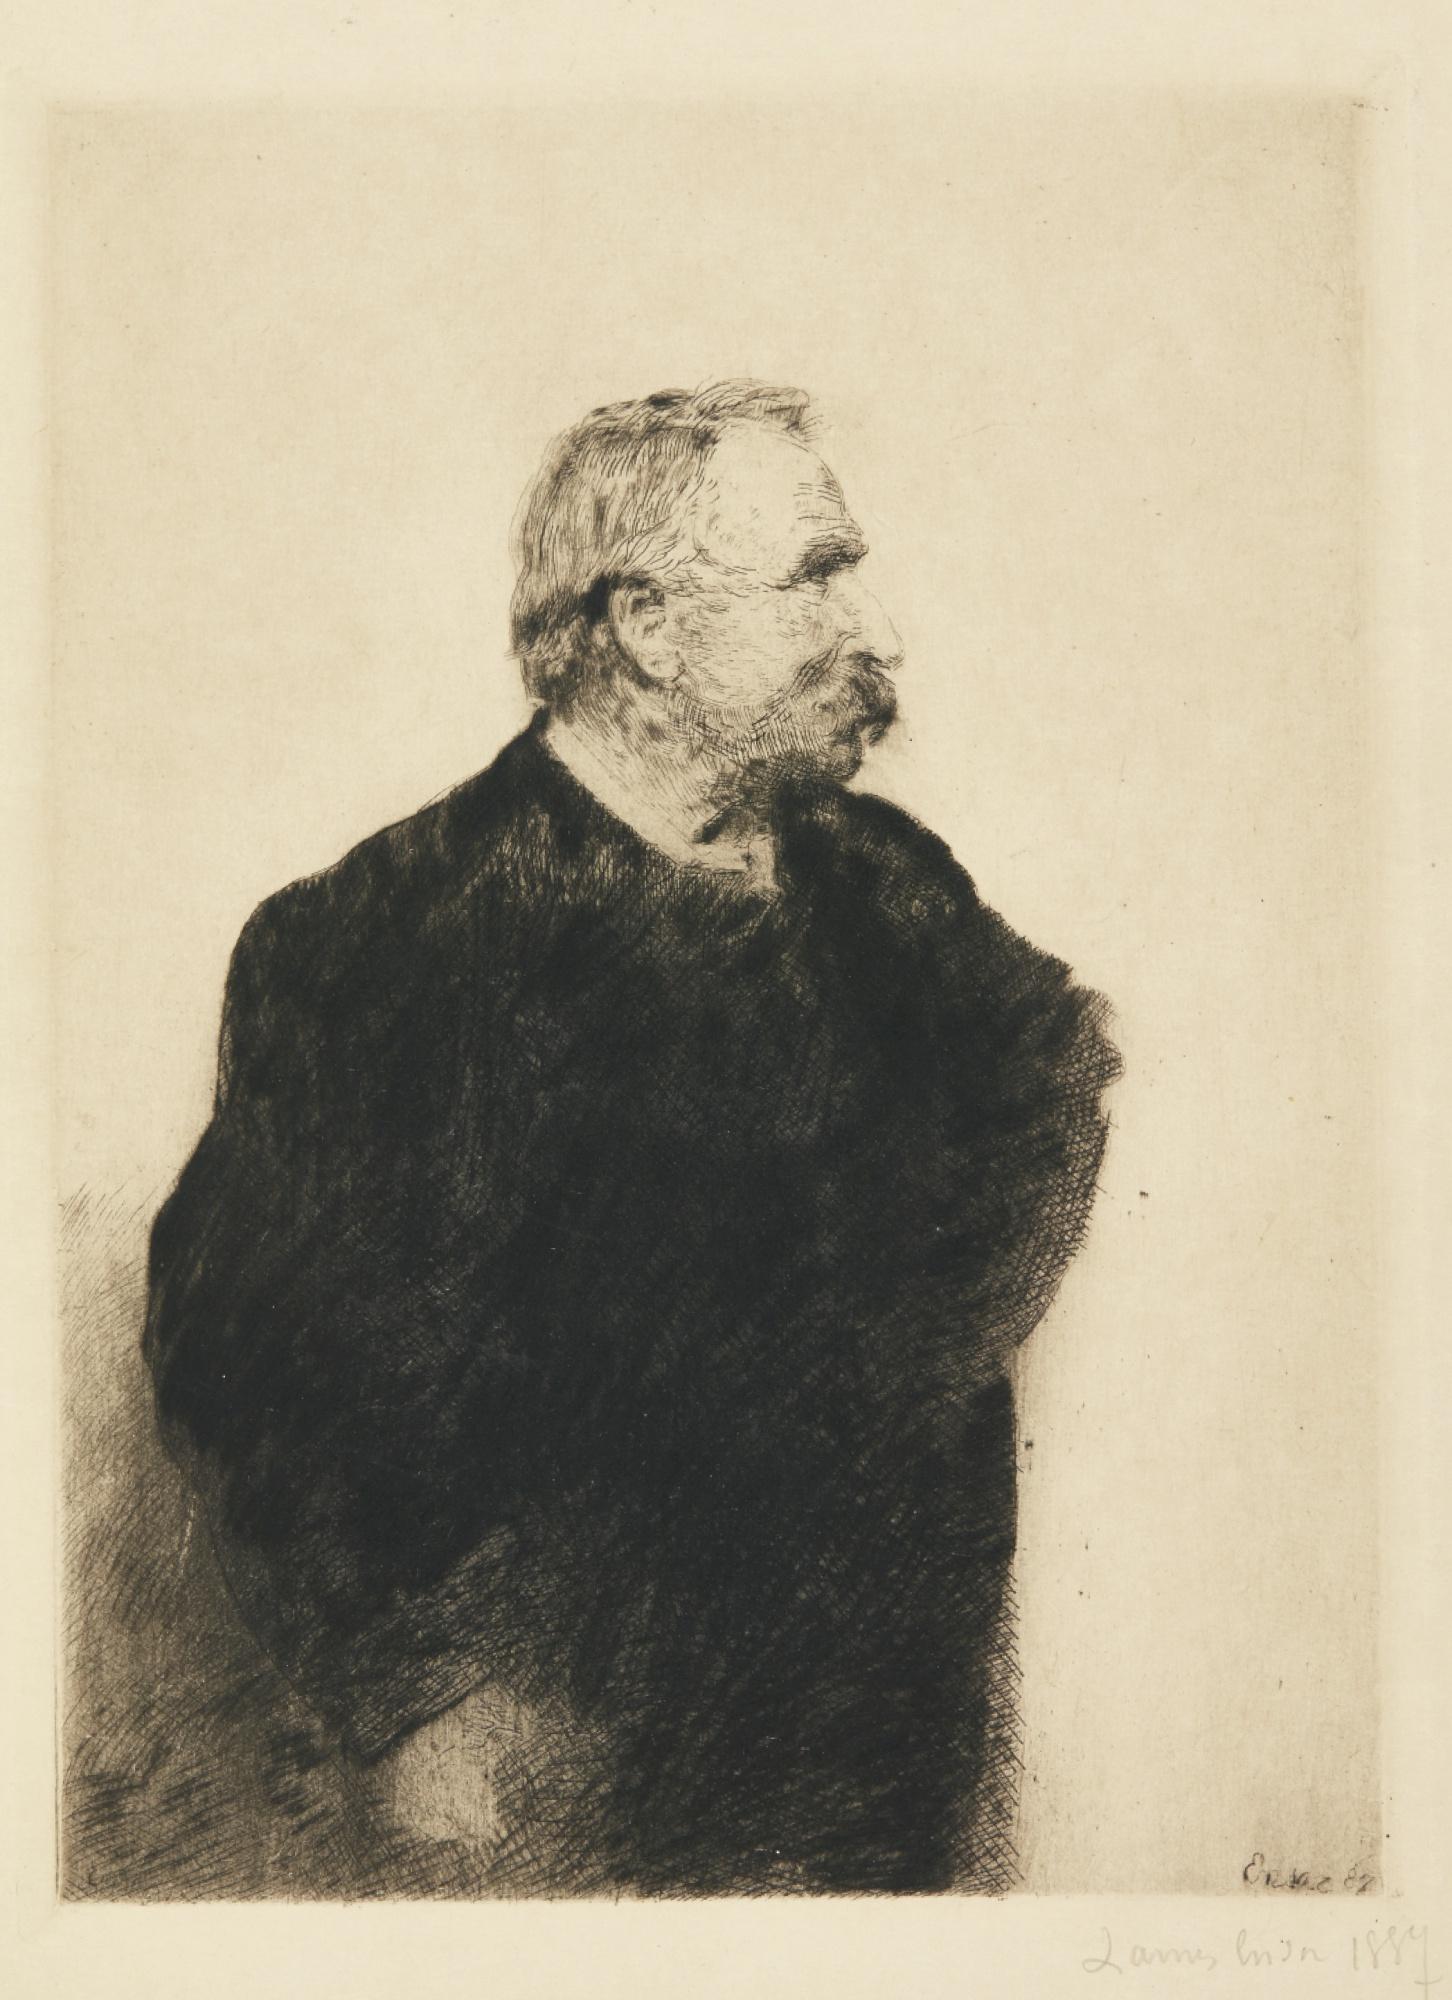 James Ensor-Le Botaniste Scandive Frise; Ernest Rousseau (D. T. E. 3 11); And Portrait DeHector Denis (D. T.82; E. 84)-1890